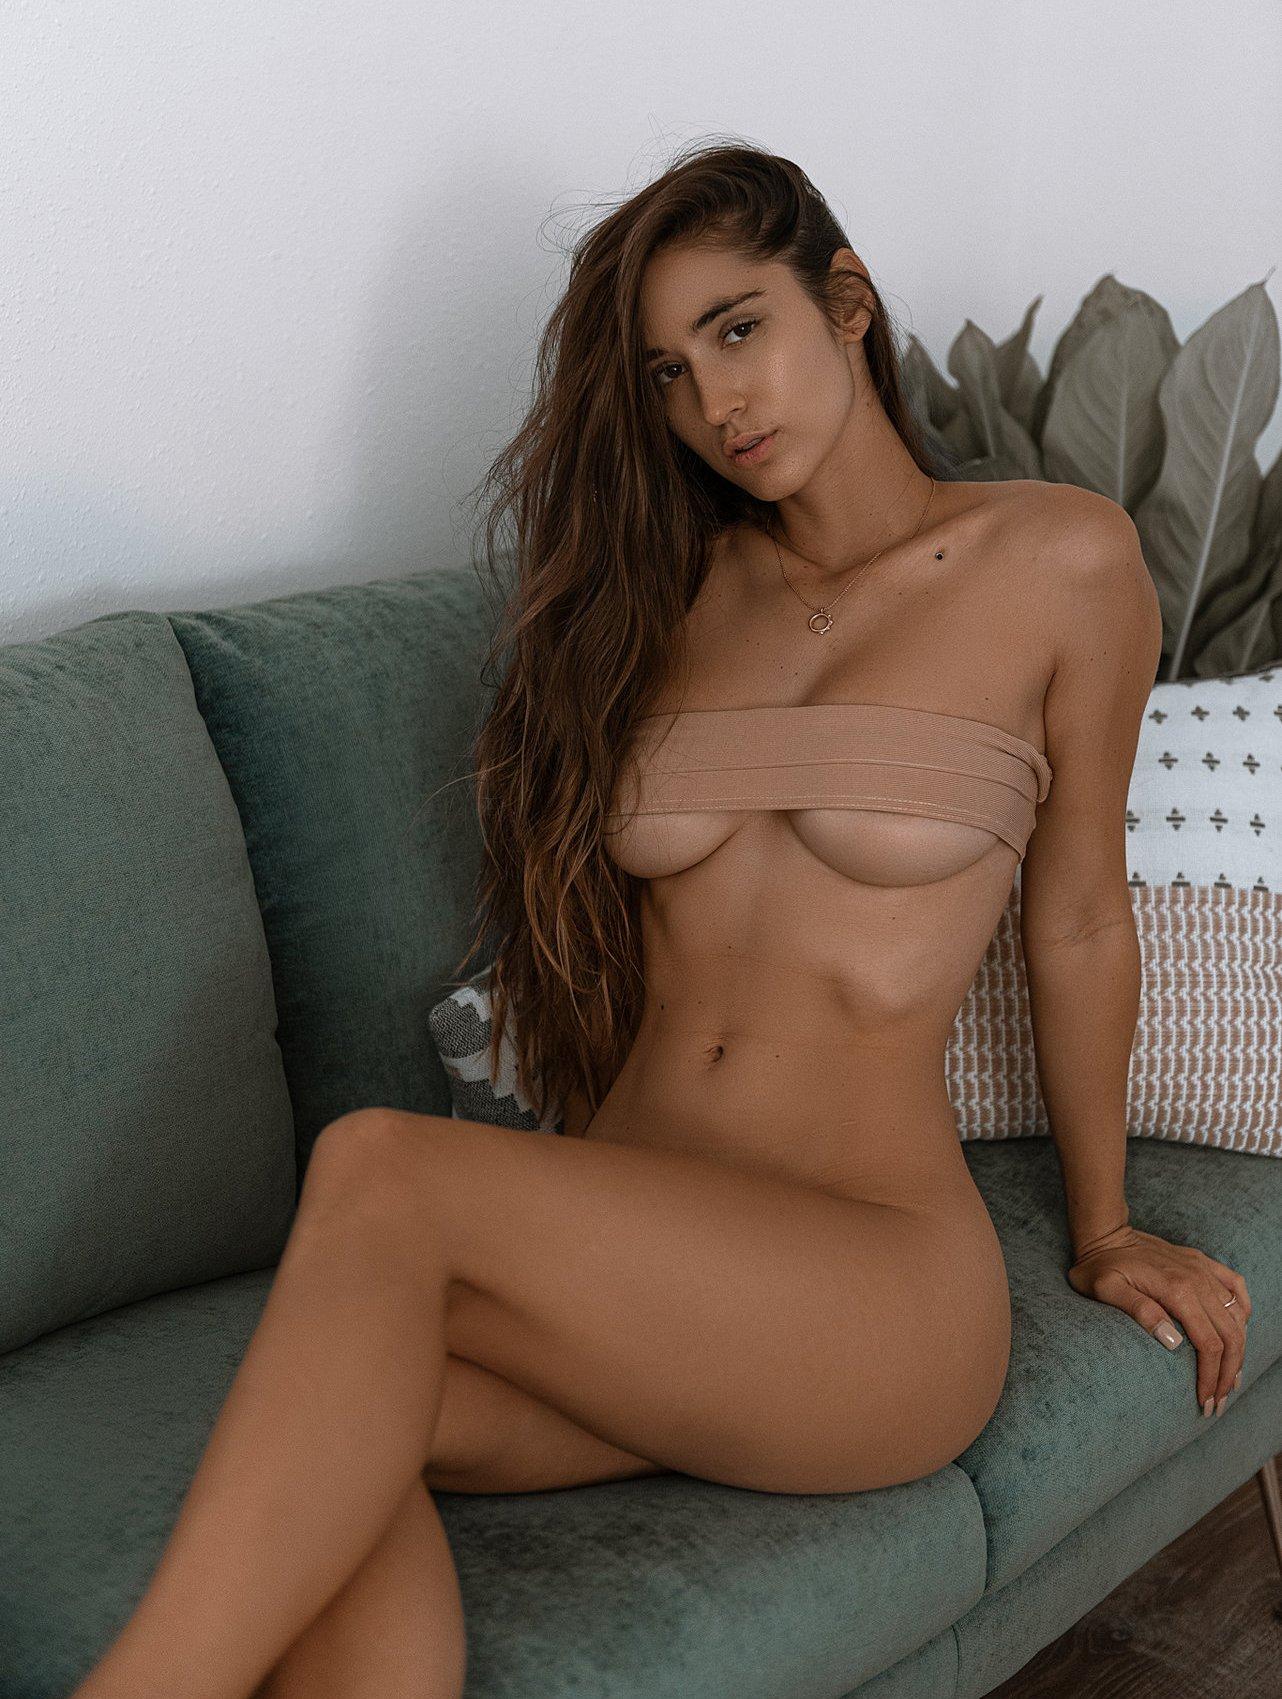 Natalie Roush Natalieroush Patreon Nude Leaks 0001